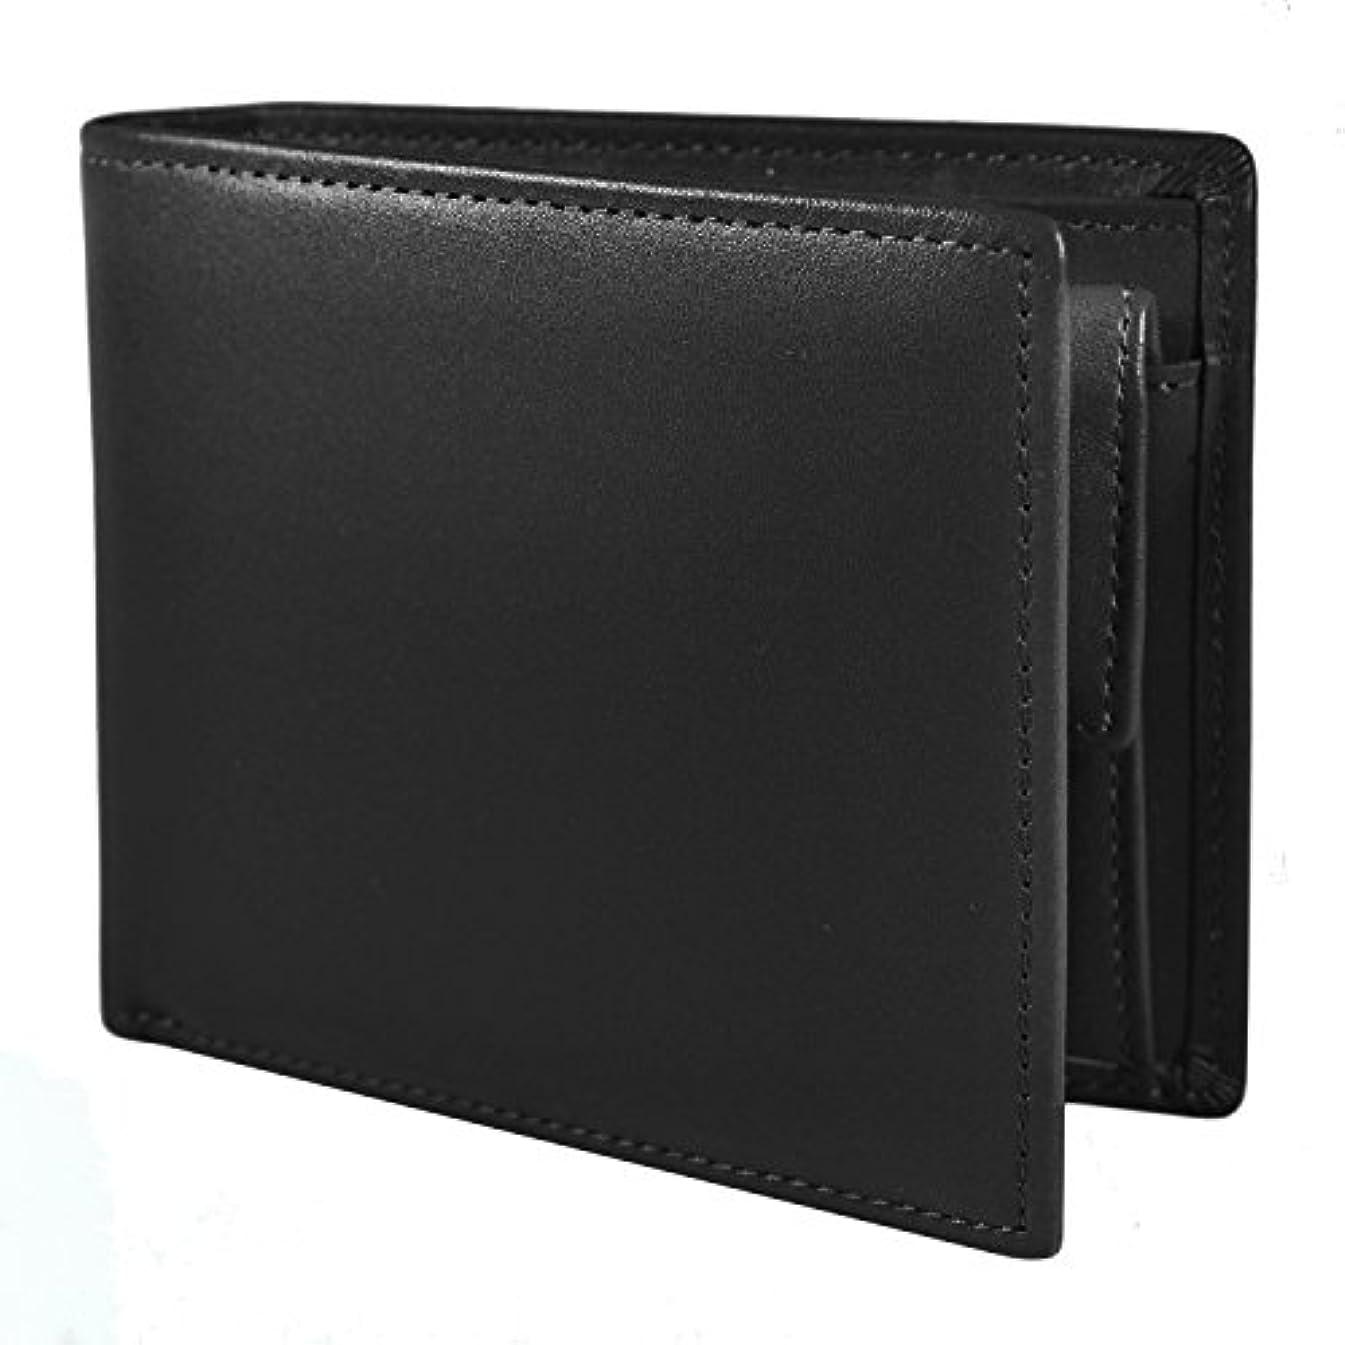 トピック入口味付けSKAWA RENON 二つ折り財布 財布 メンズ 本革 レザー 小銭入れ カード収納 化粧箱入り ビジネス 高品質 プレゼント